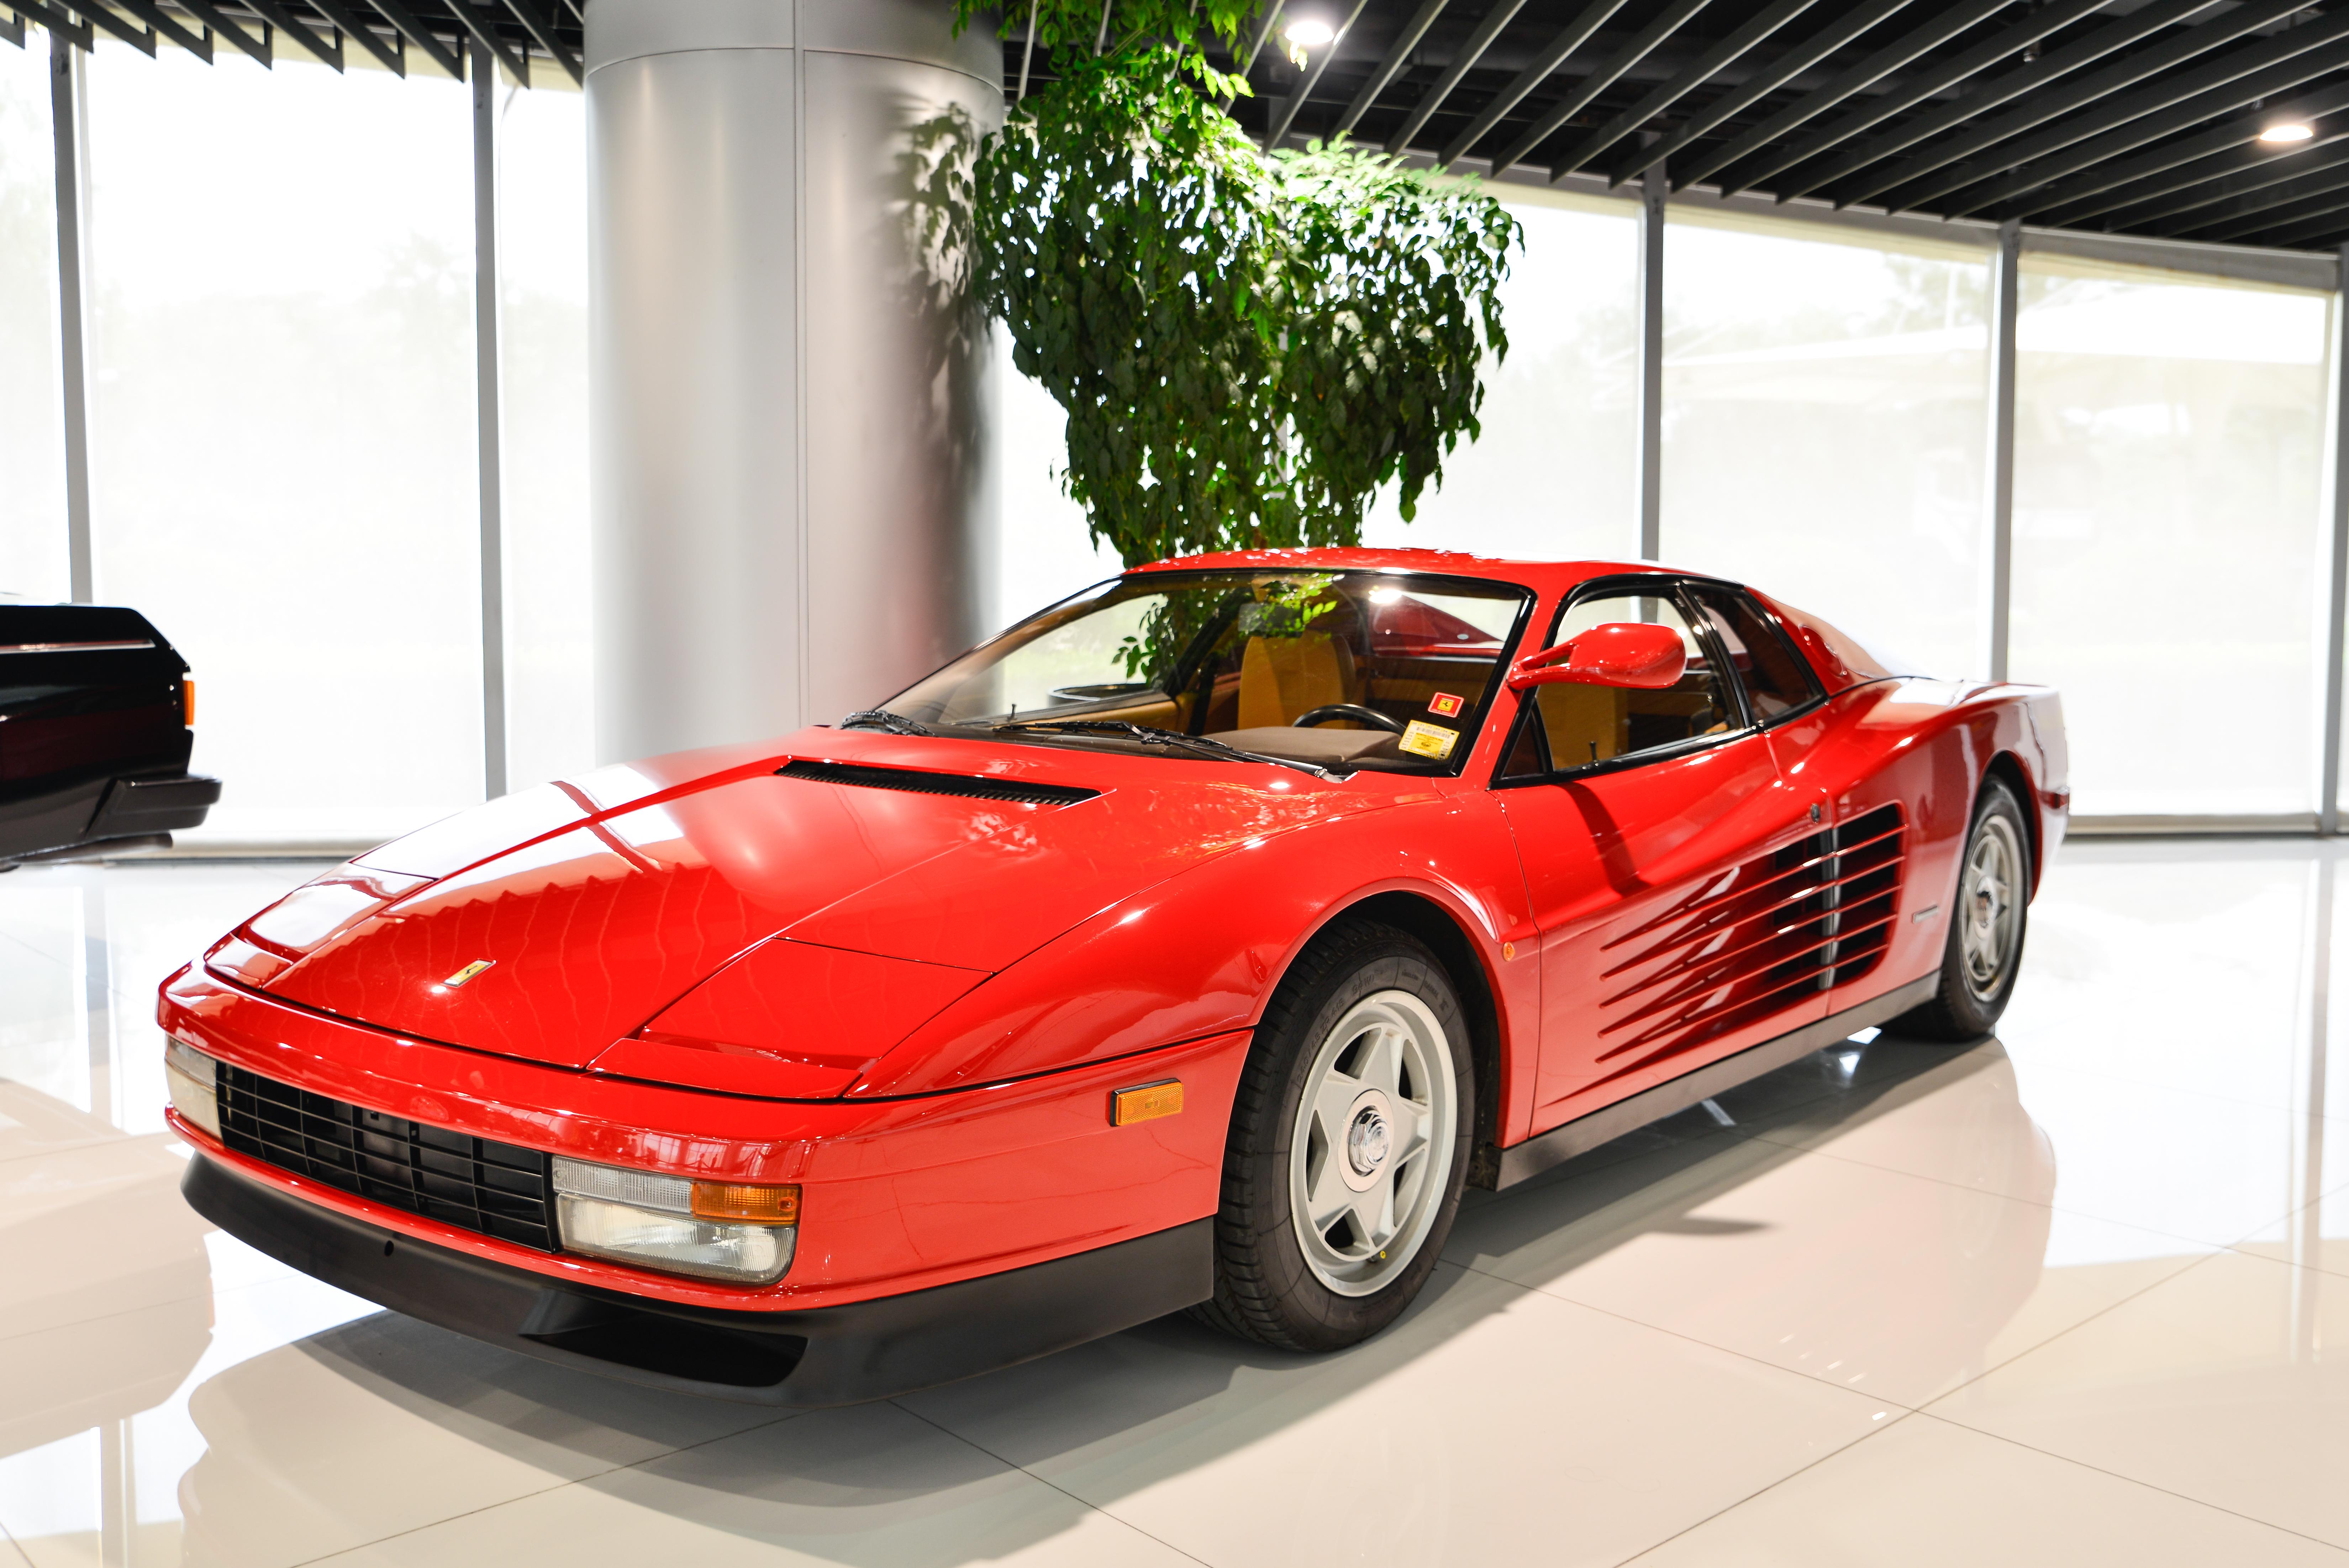 Archivo Ferrari Testarossa 14686650099 Jpg Wikipedia La Enciclopedia Libre